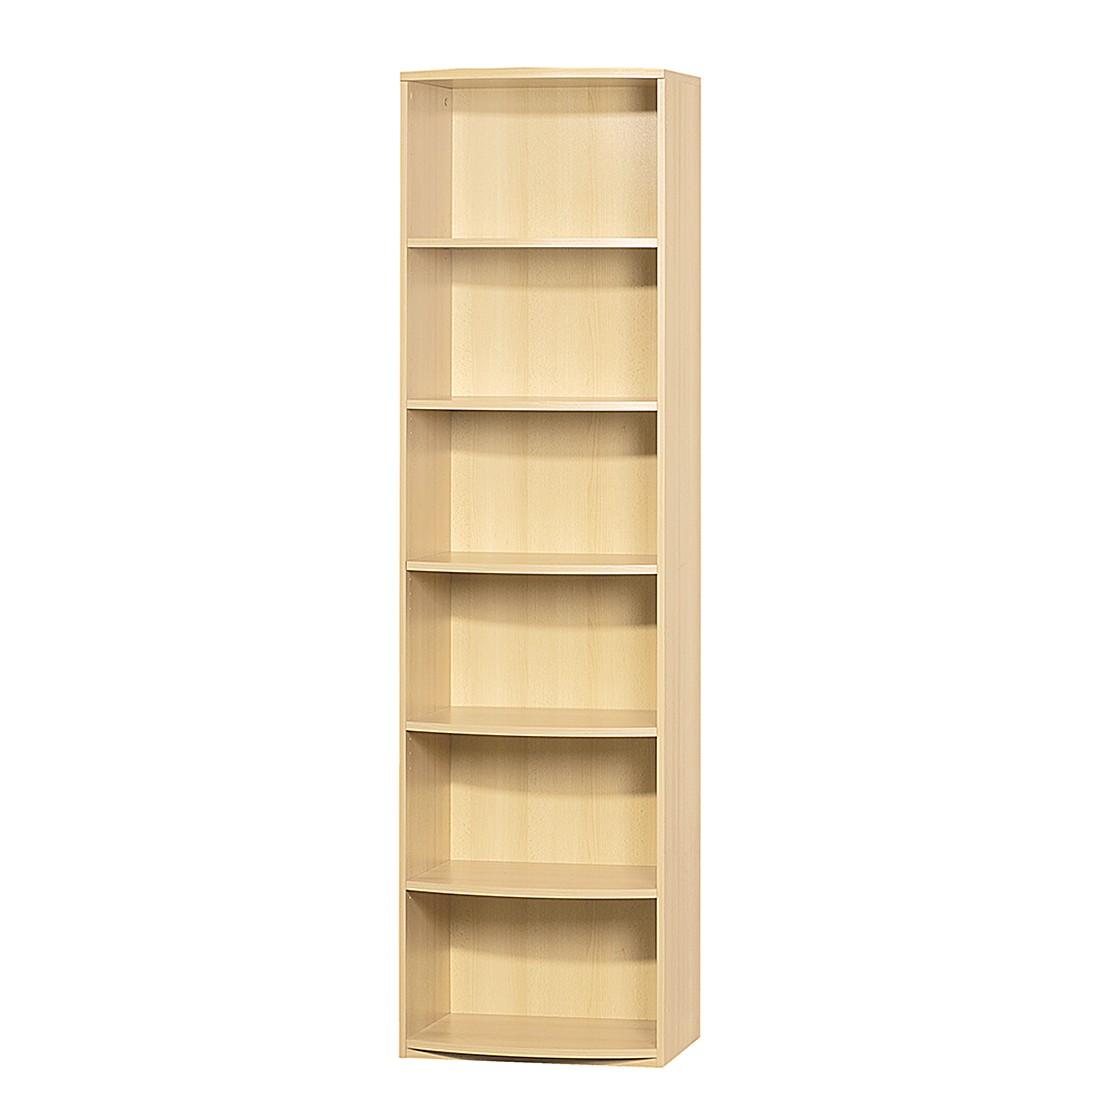 Divers mobilier de bureau trouvez facilement sur for Mobilier bureau 64